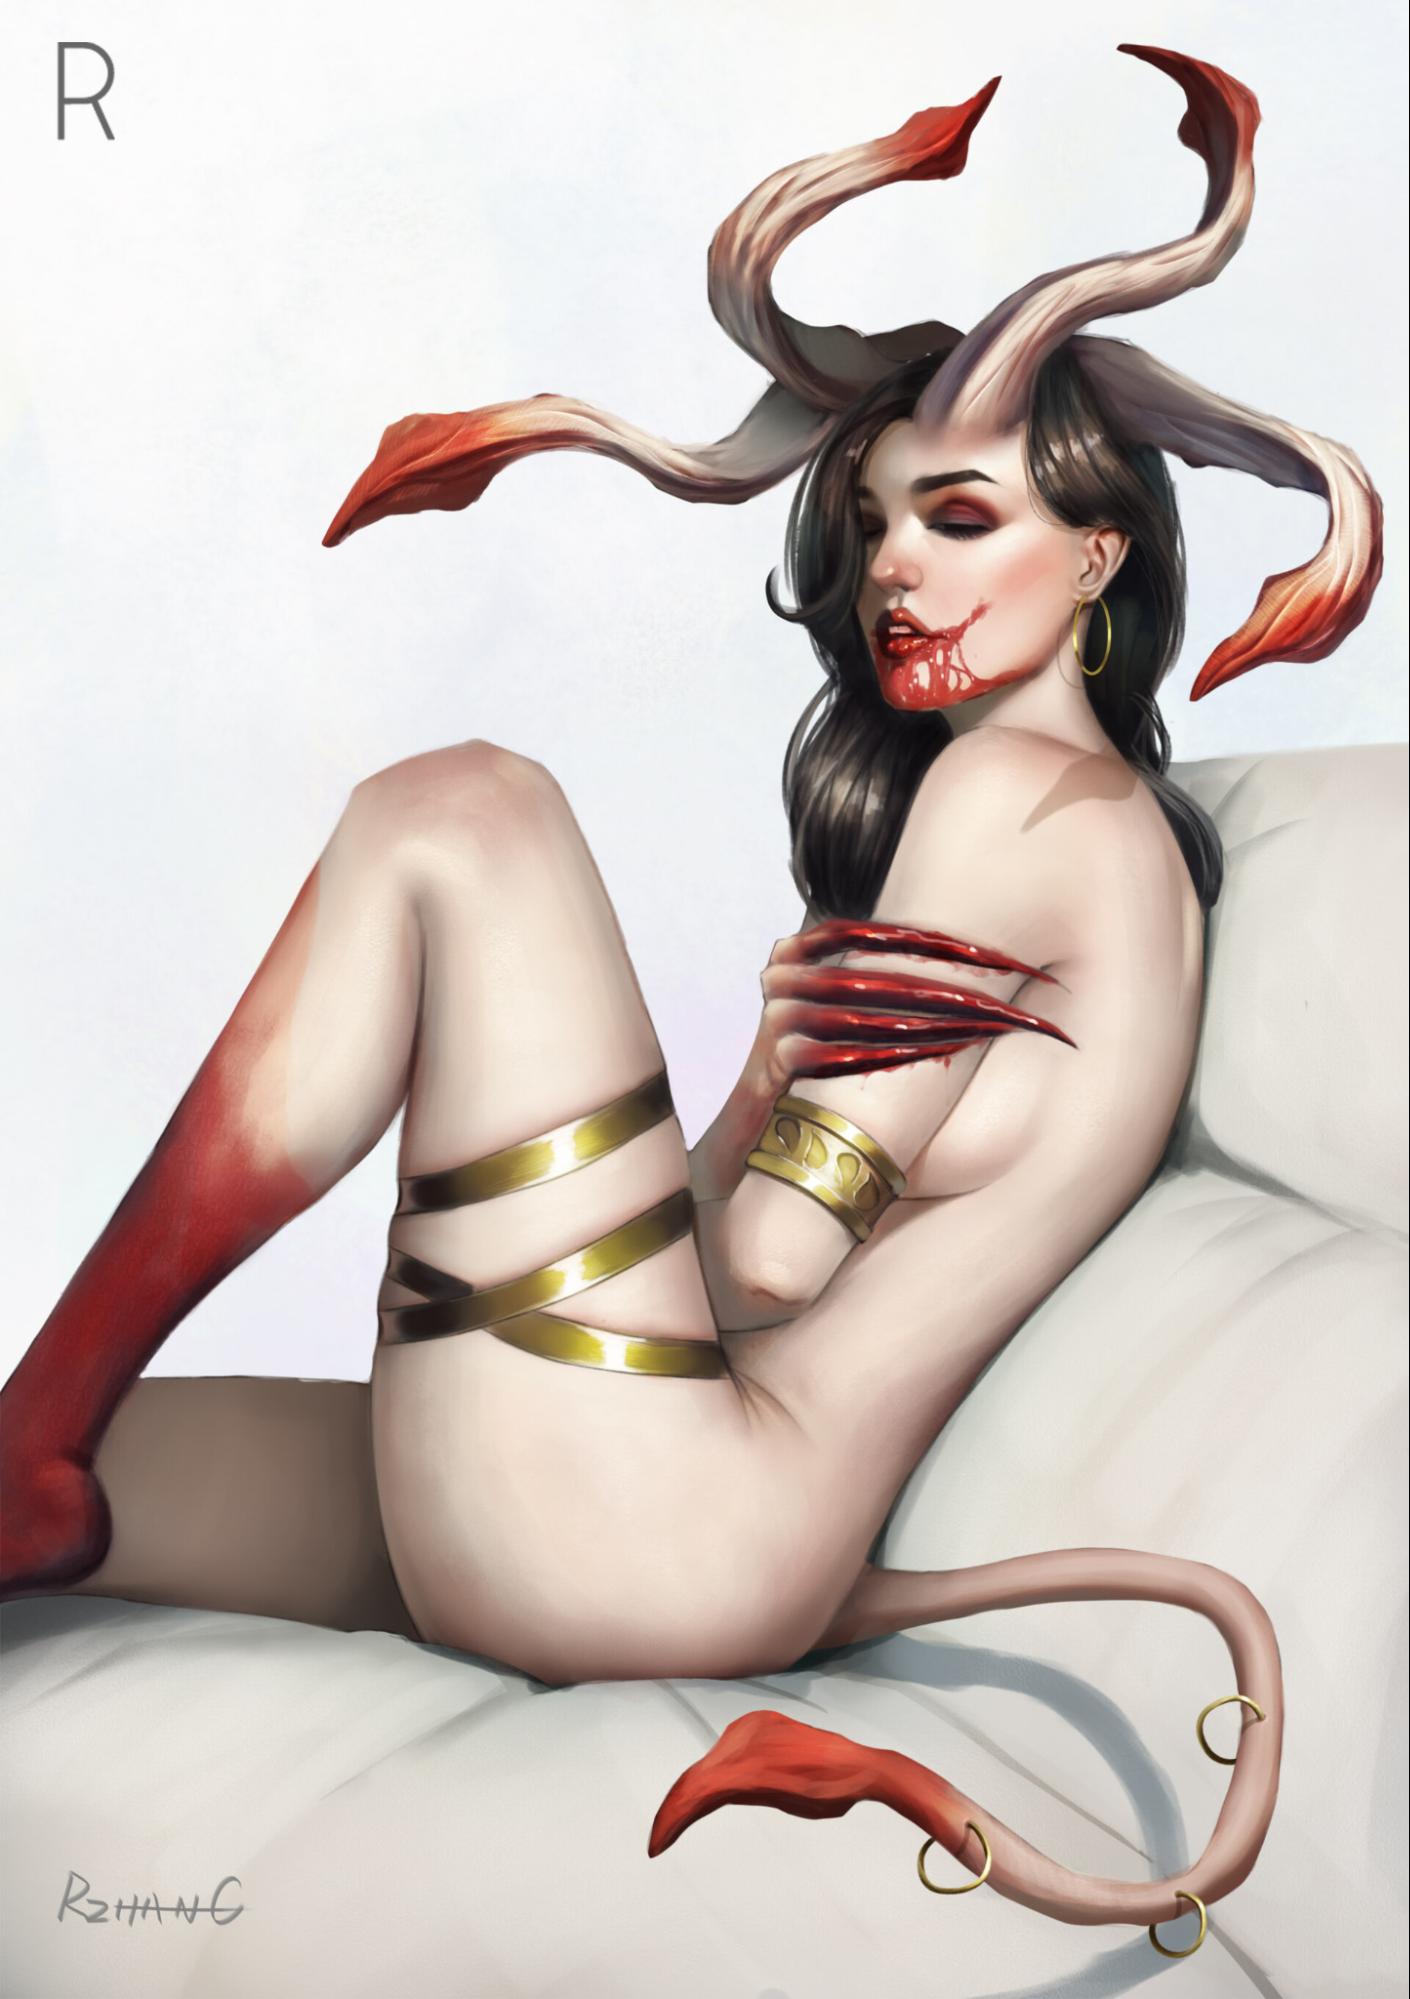 Пятничный арт на суккубов — картинки с девушками Меру +18